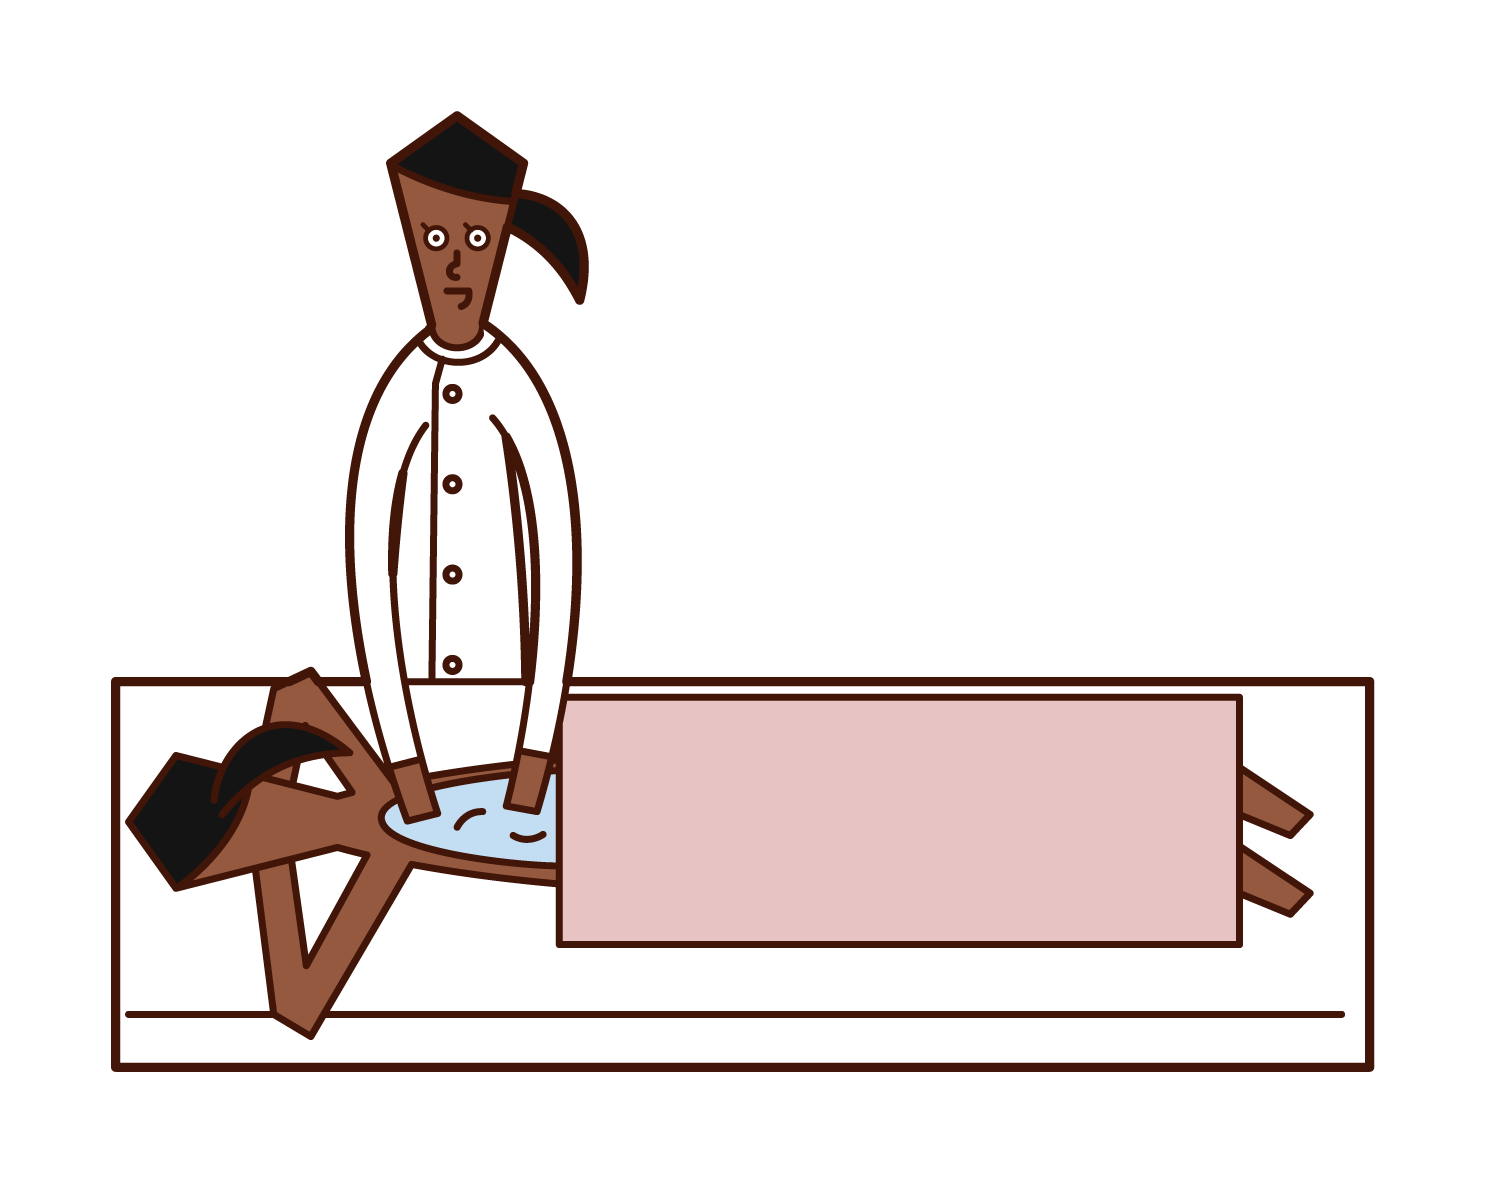 按摩治療師(女性)的插圖